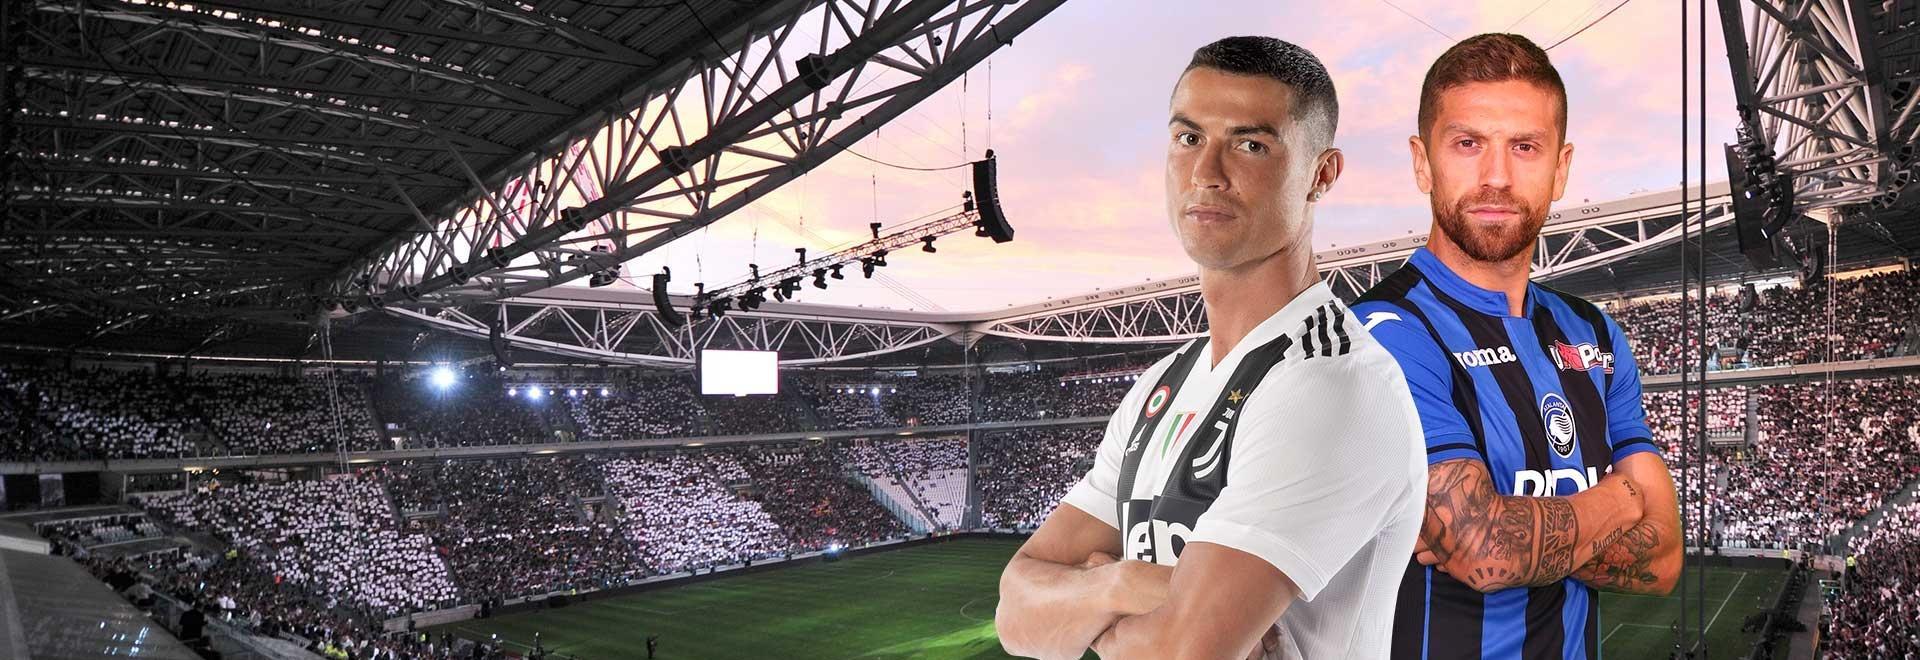 Juventus - Atalanta. 37a g.